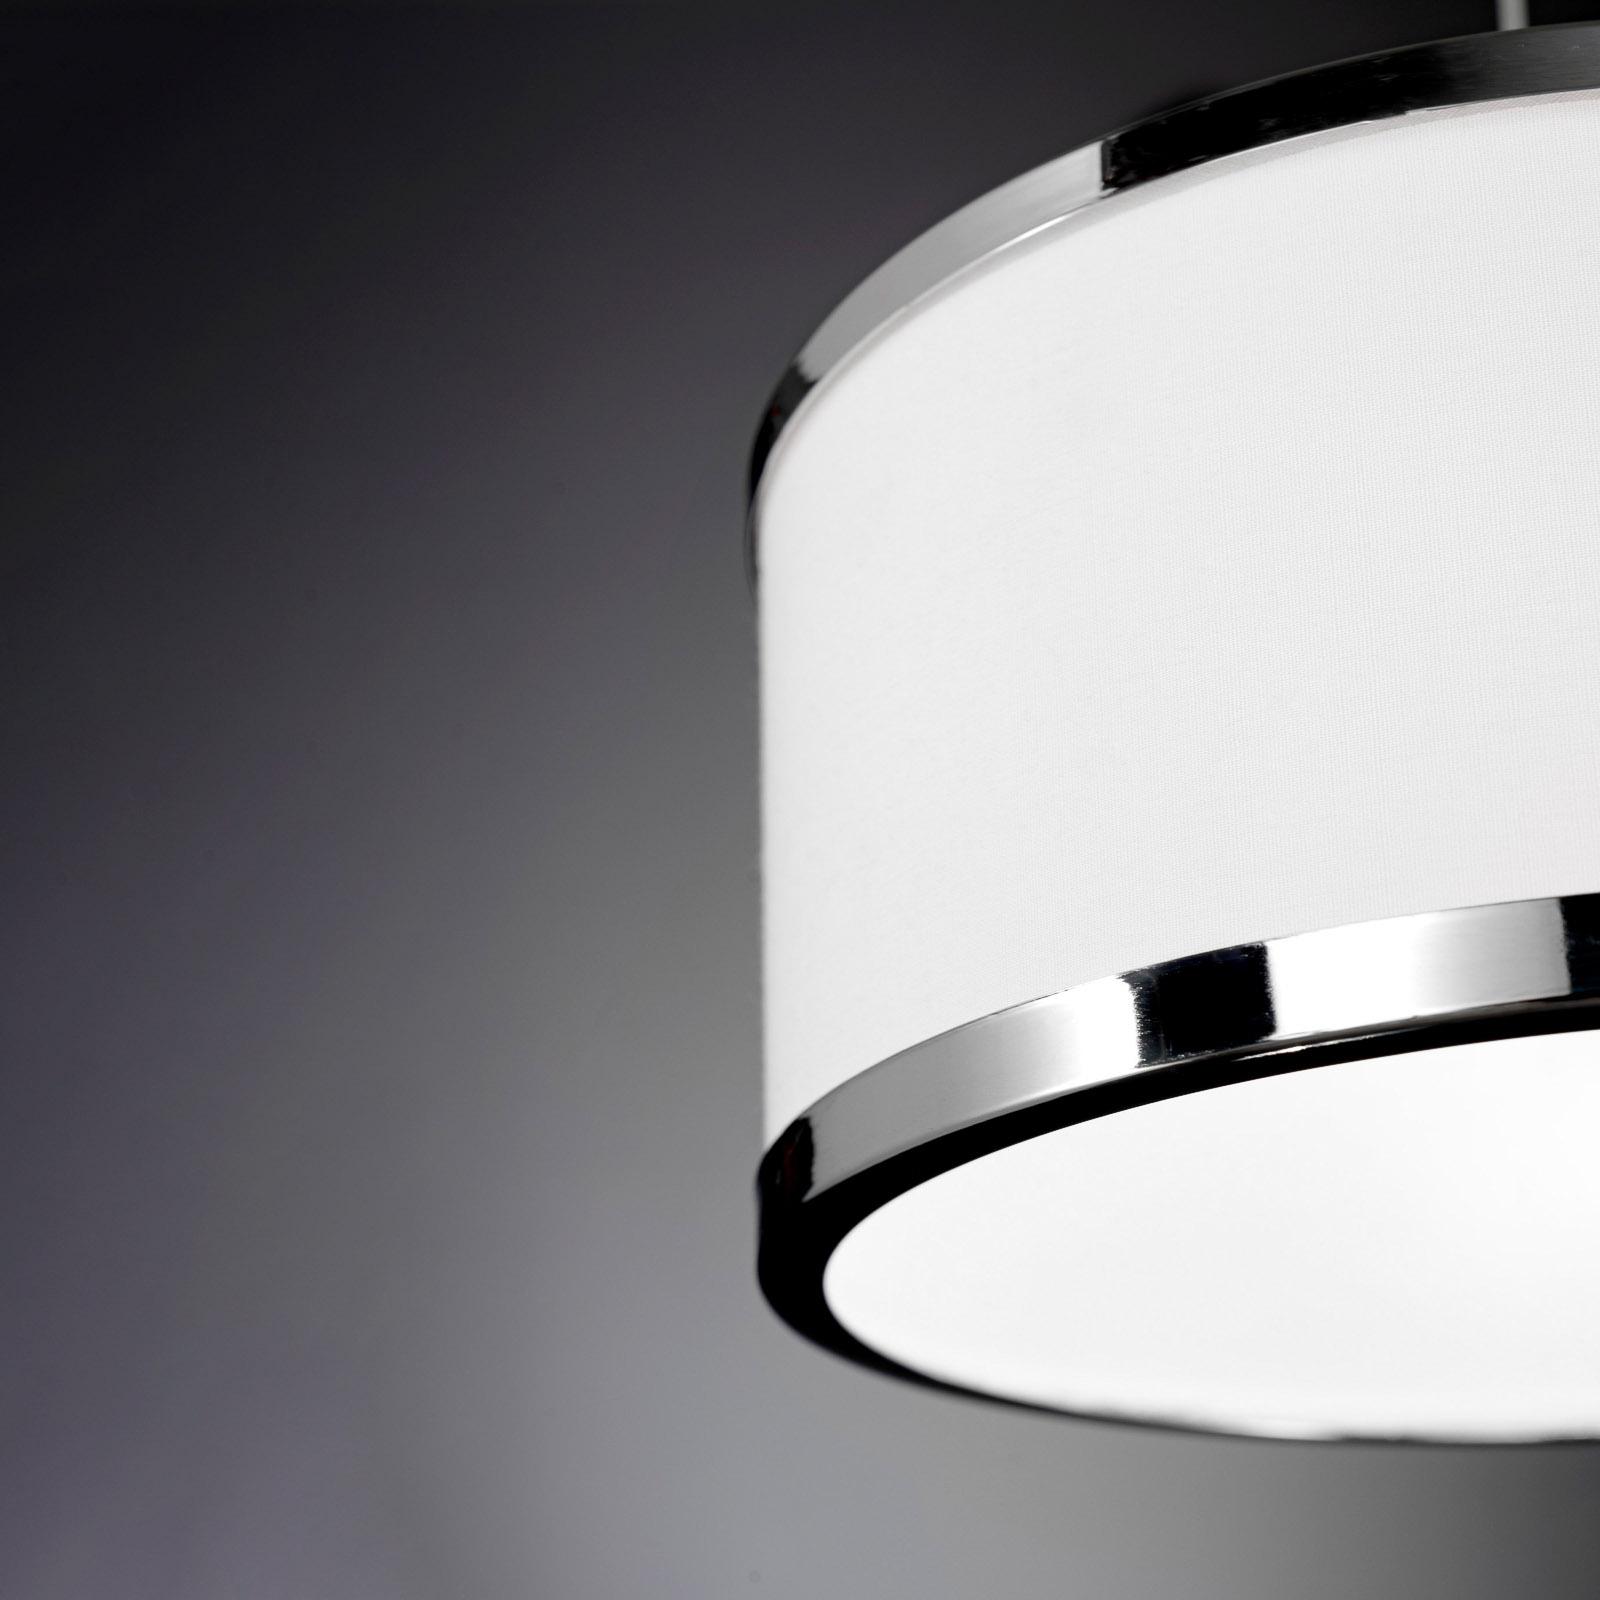 Lampa wisząca Chiara, 1-pkt., chromowa/biała